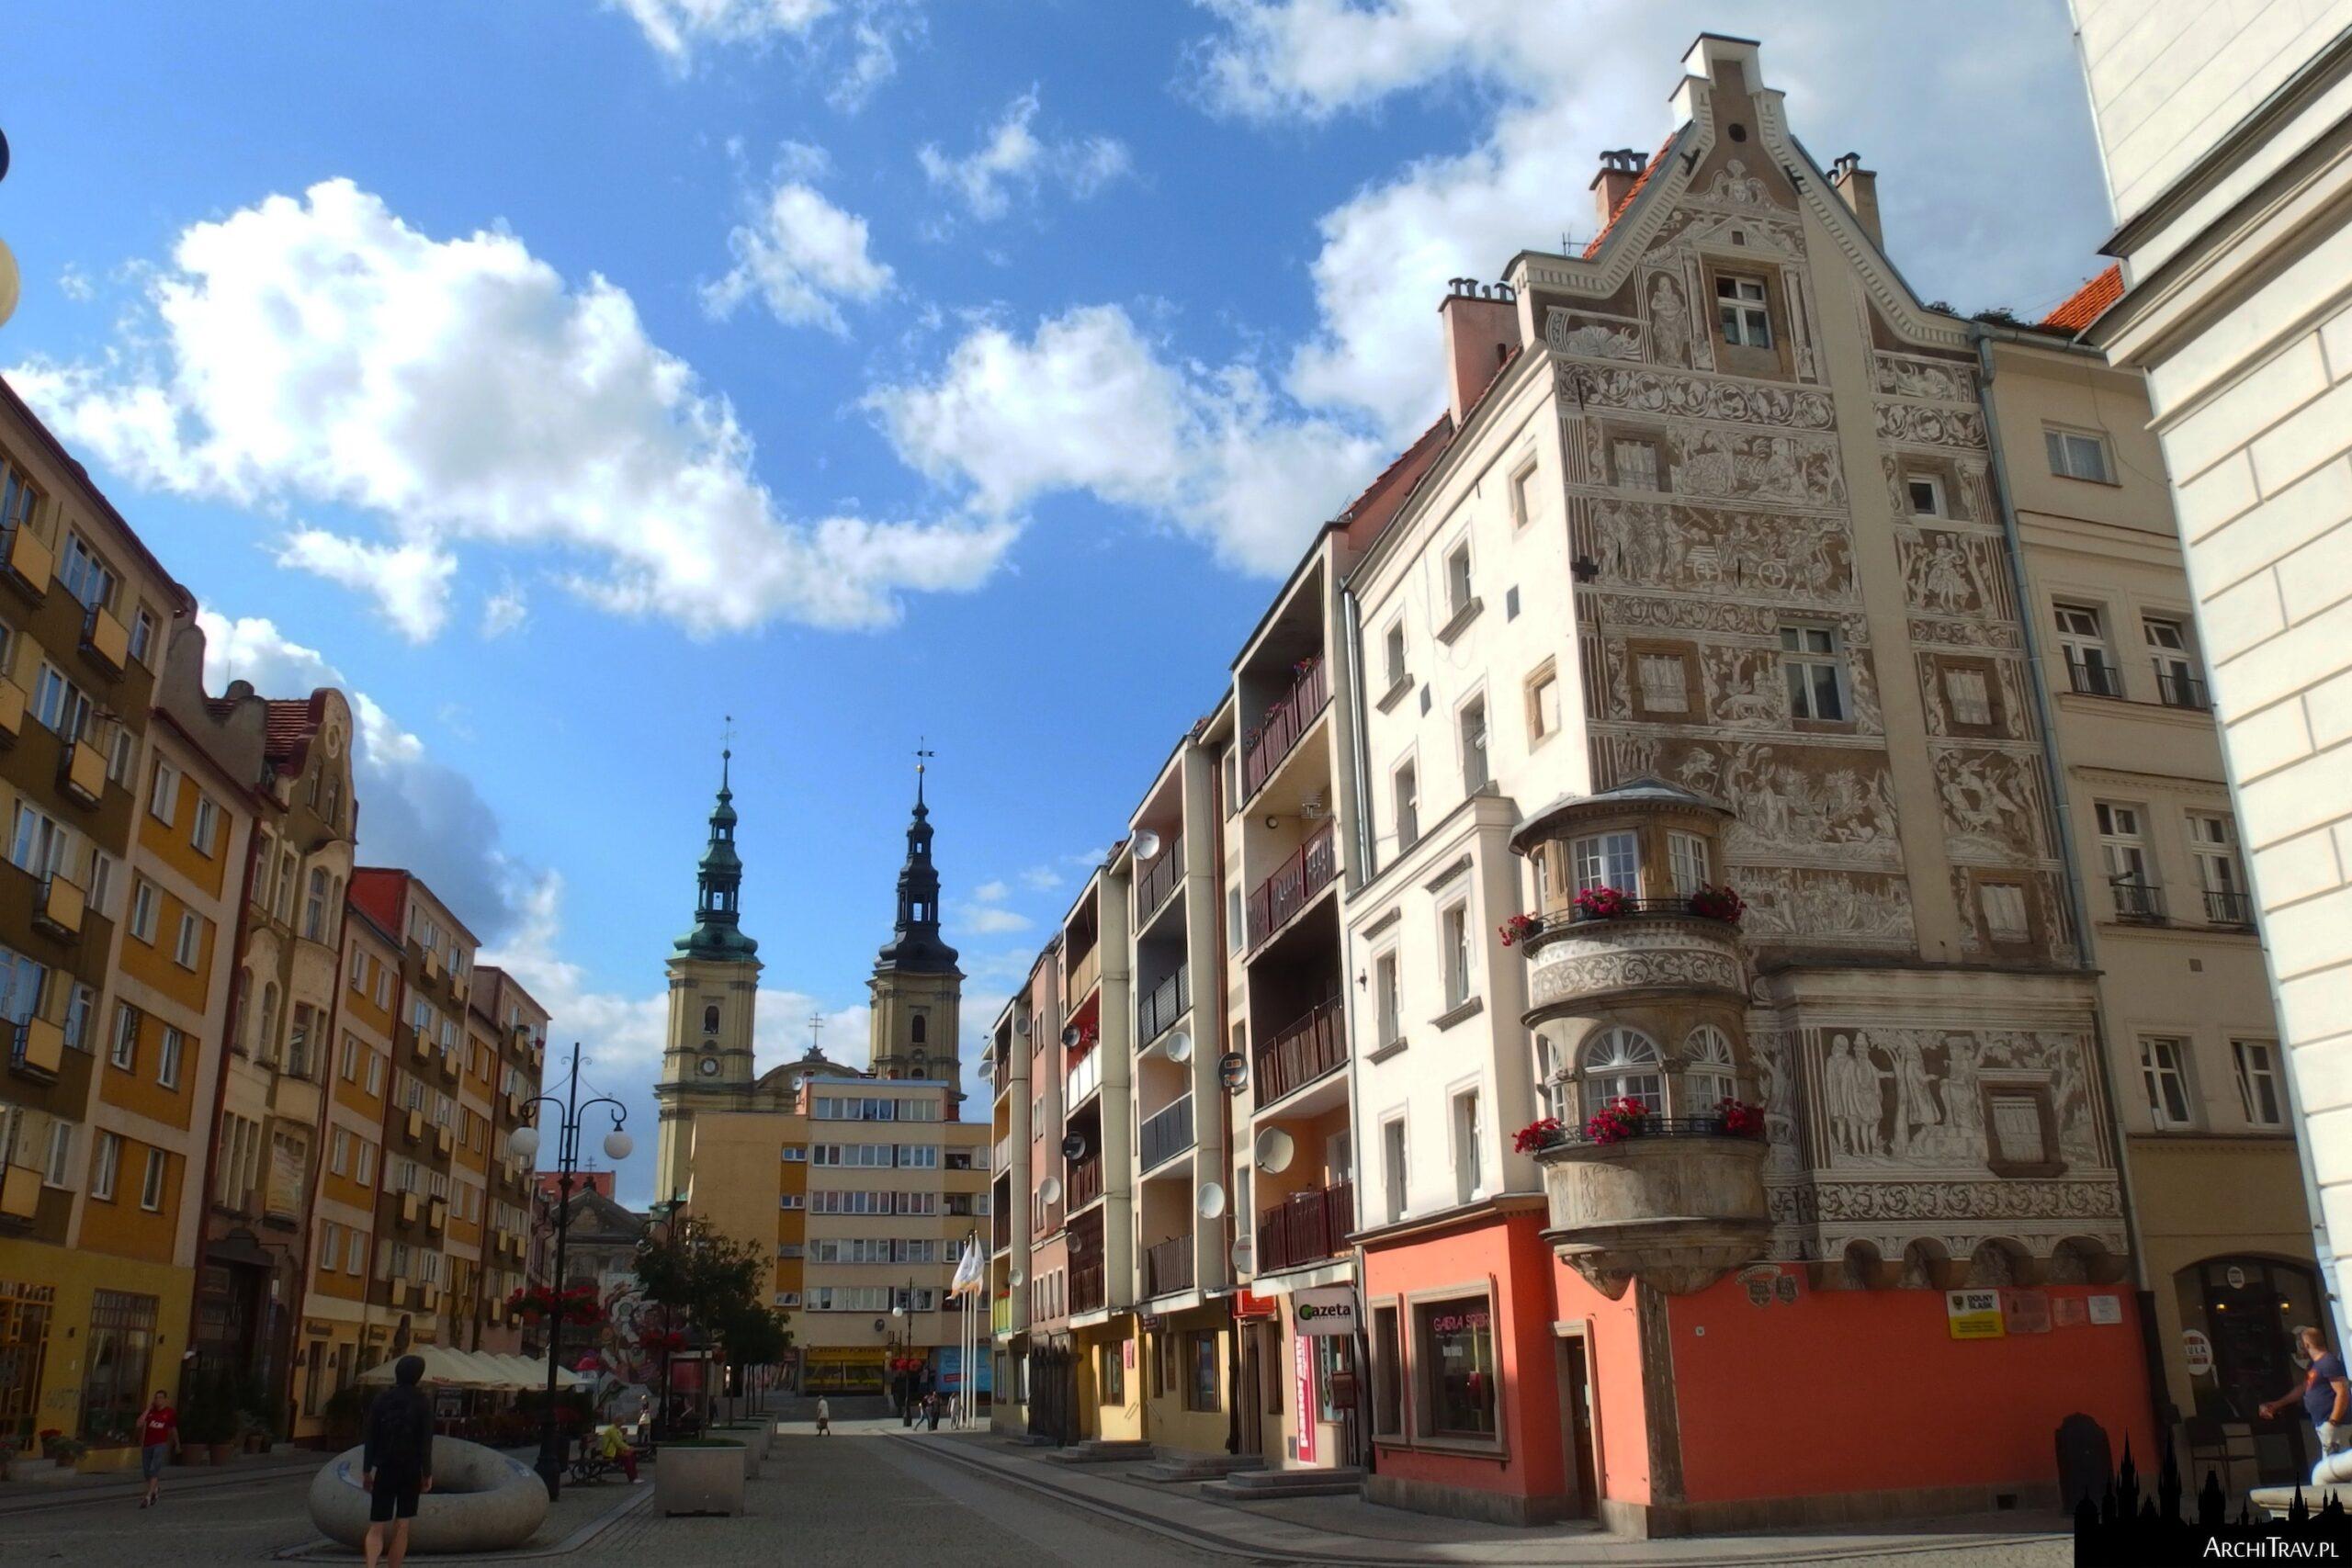 widok na część Rynku, po prawej Dom pod Przepiórczym Koszem, Legnica